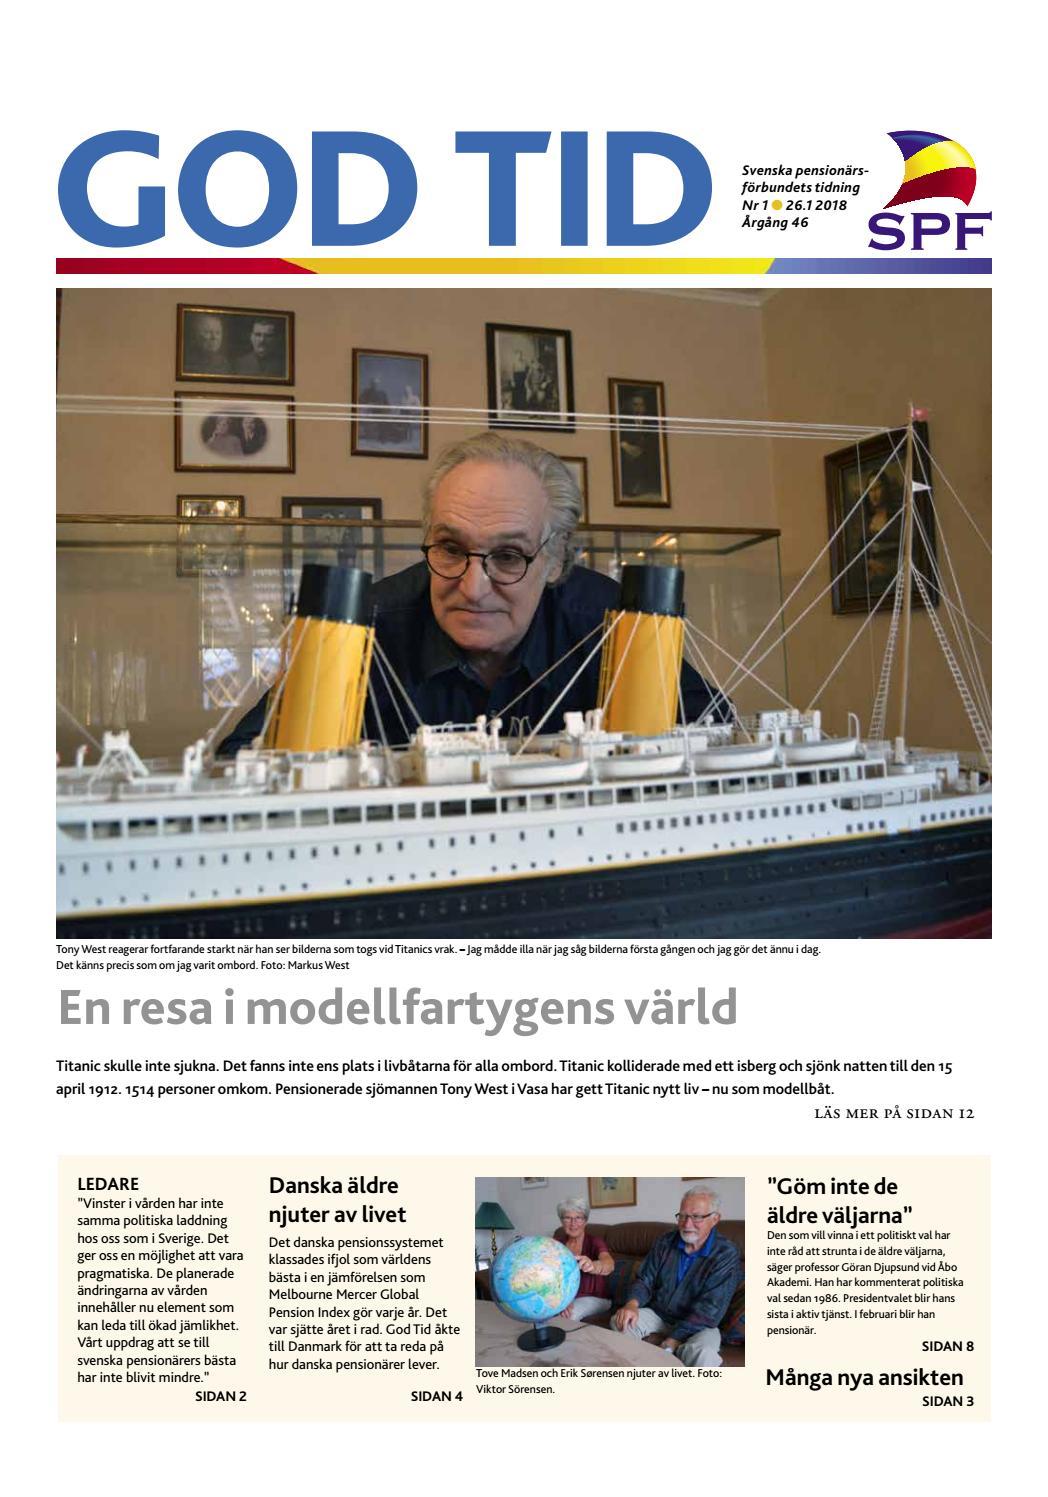 God tid 1 2018 by Svenska pensionärsförbundet 592b514421eeb